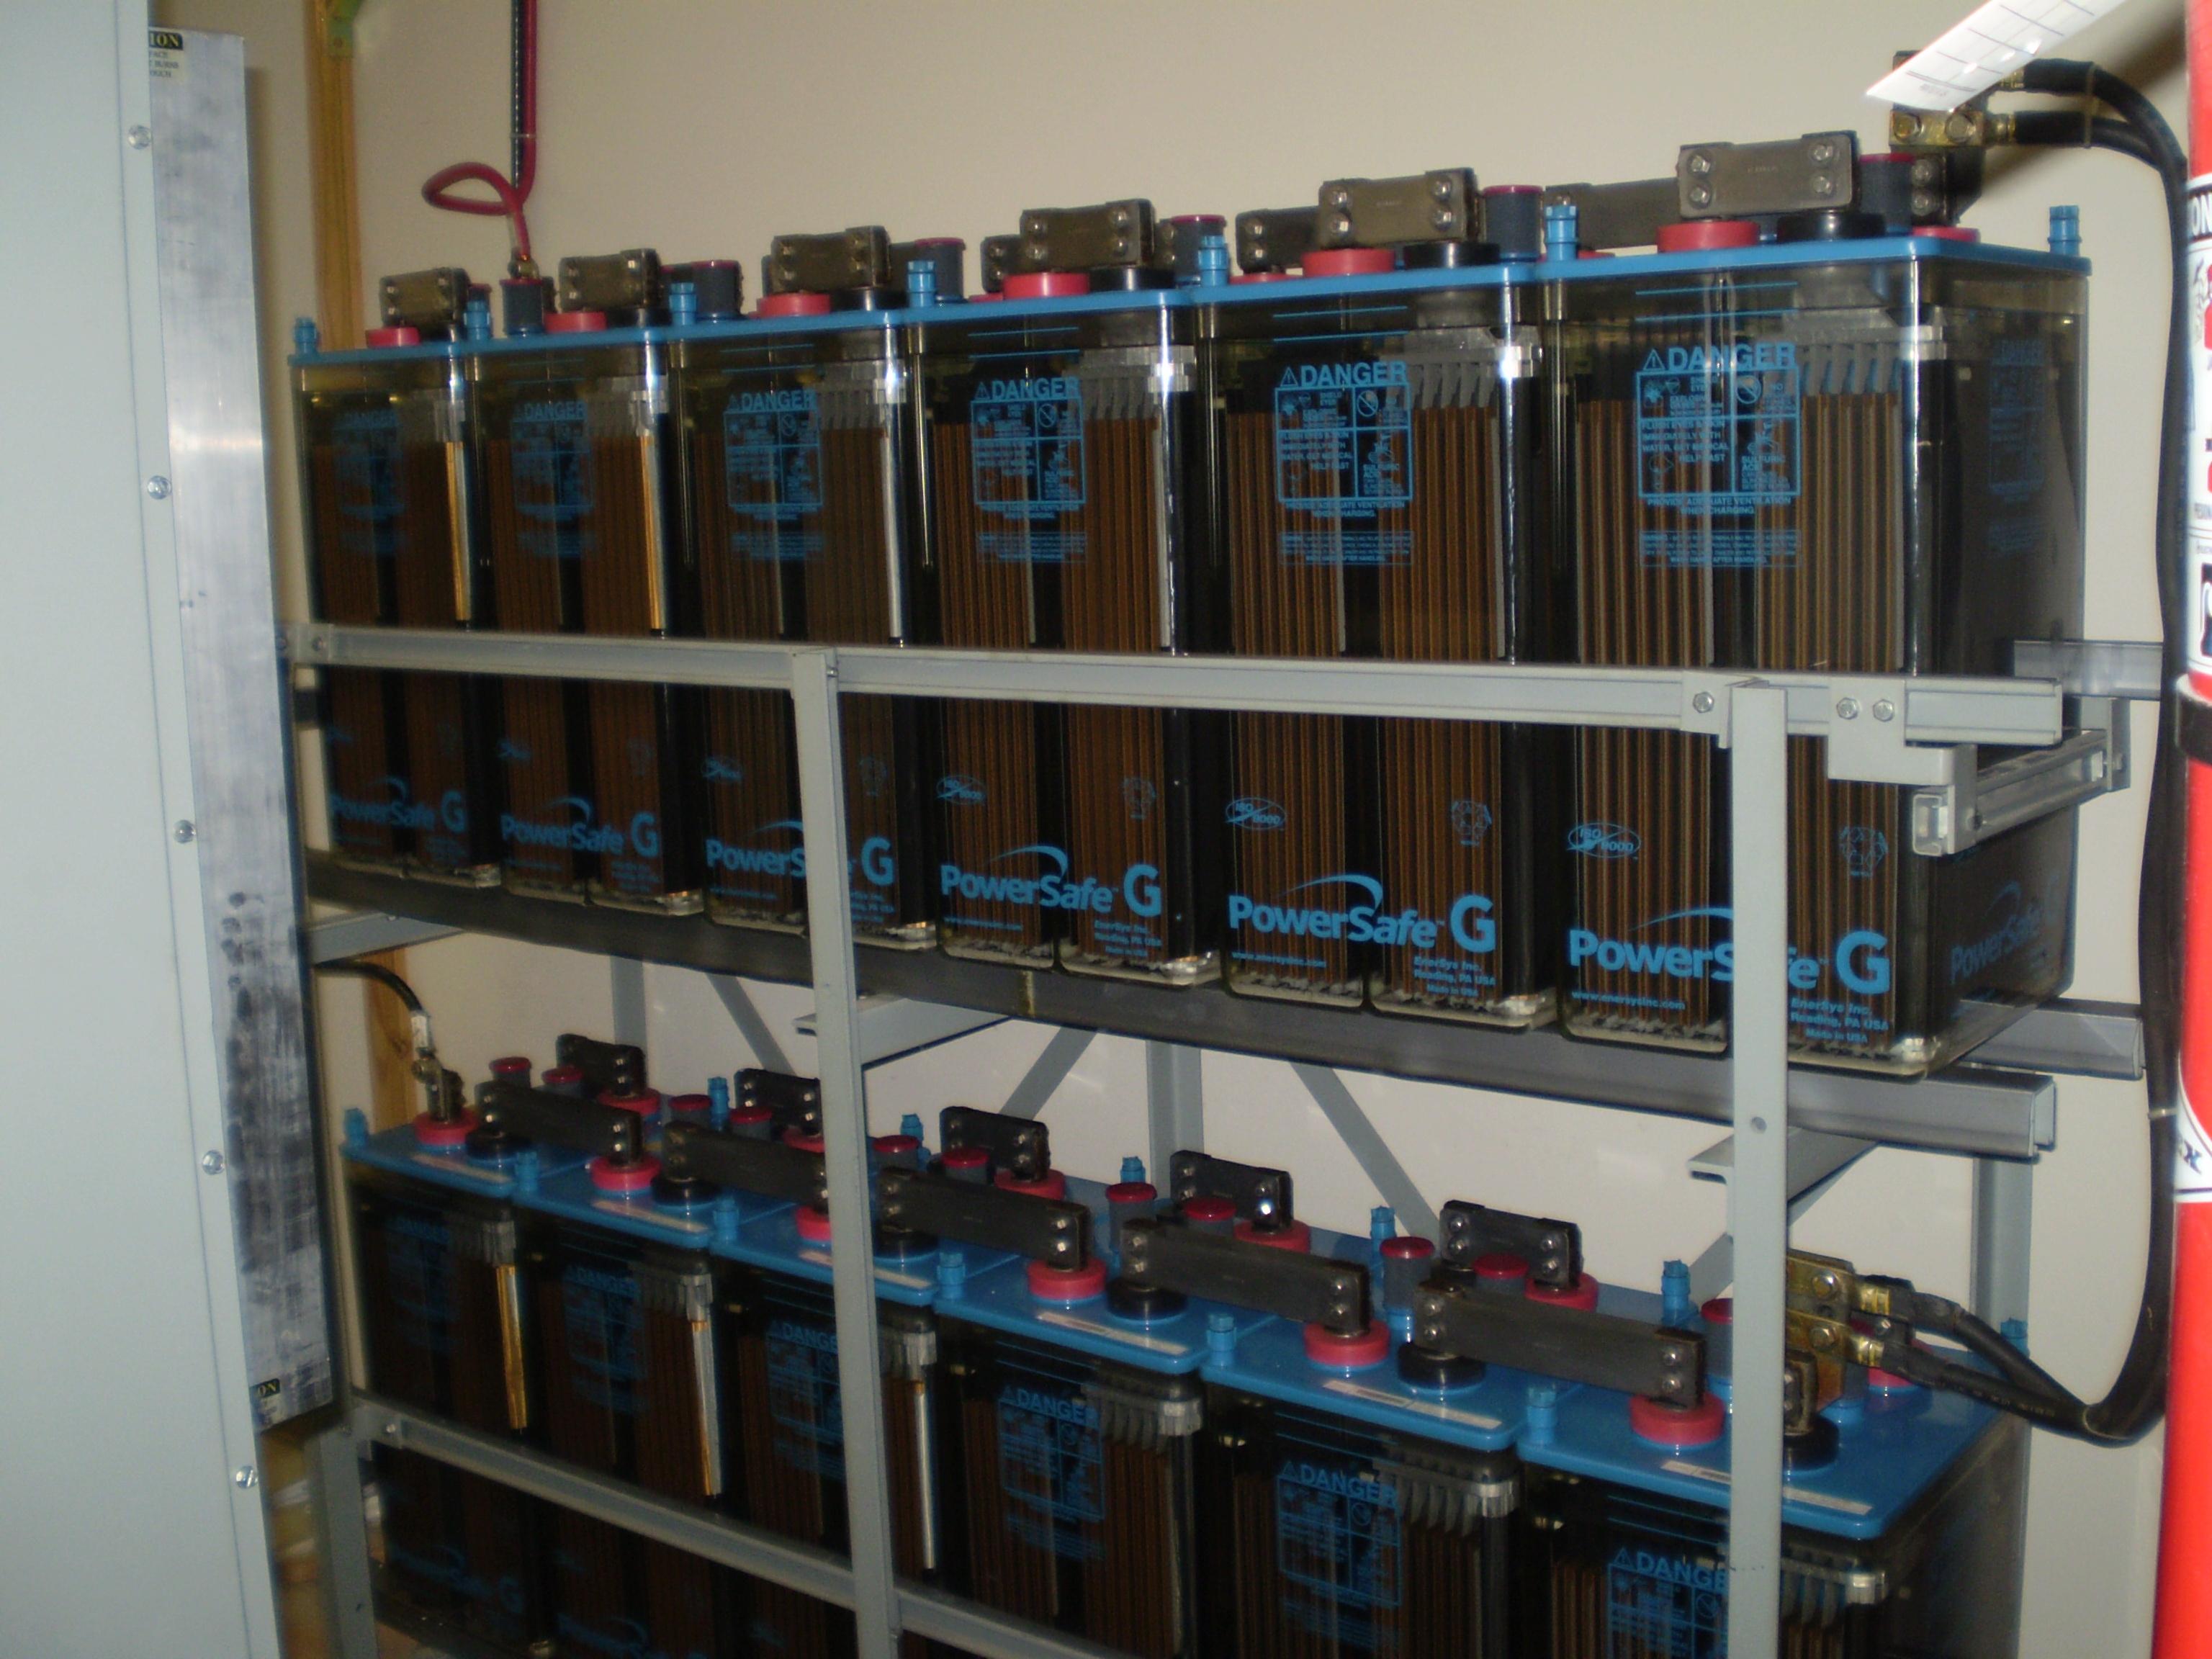 2 Volt, 1220 Amp/hour batteries